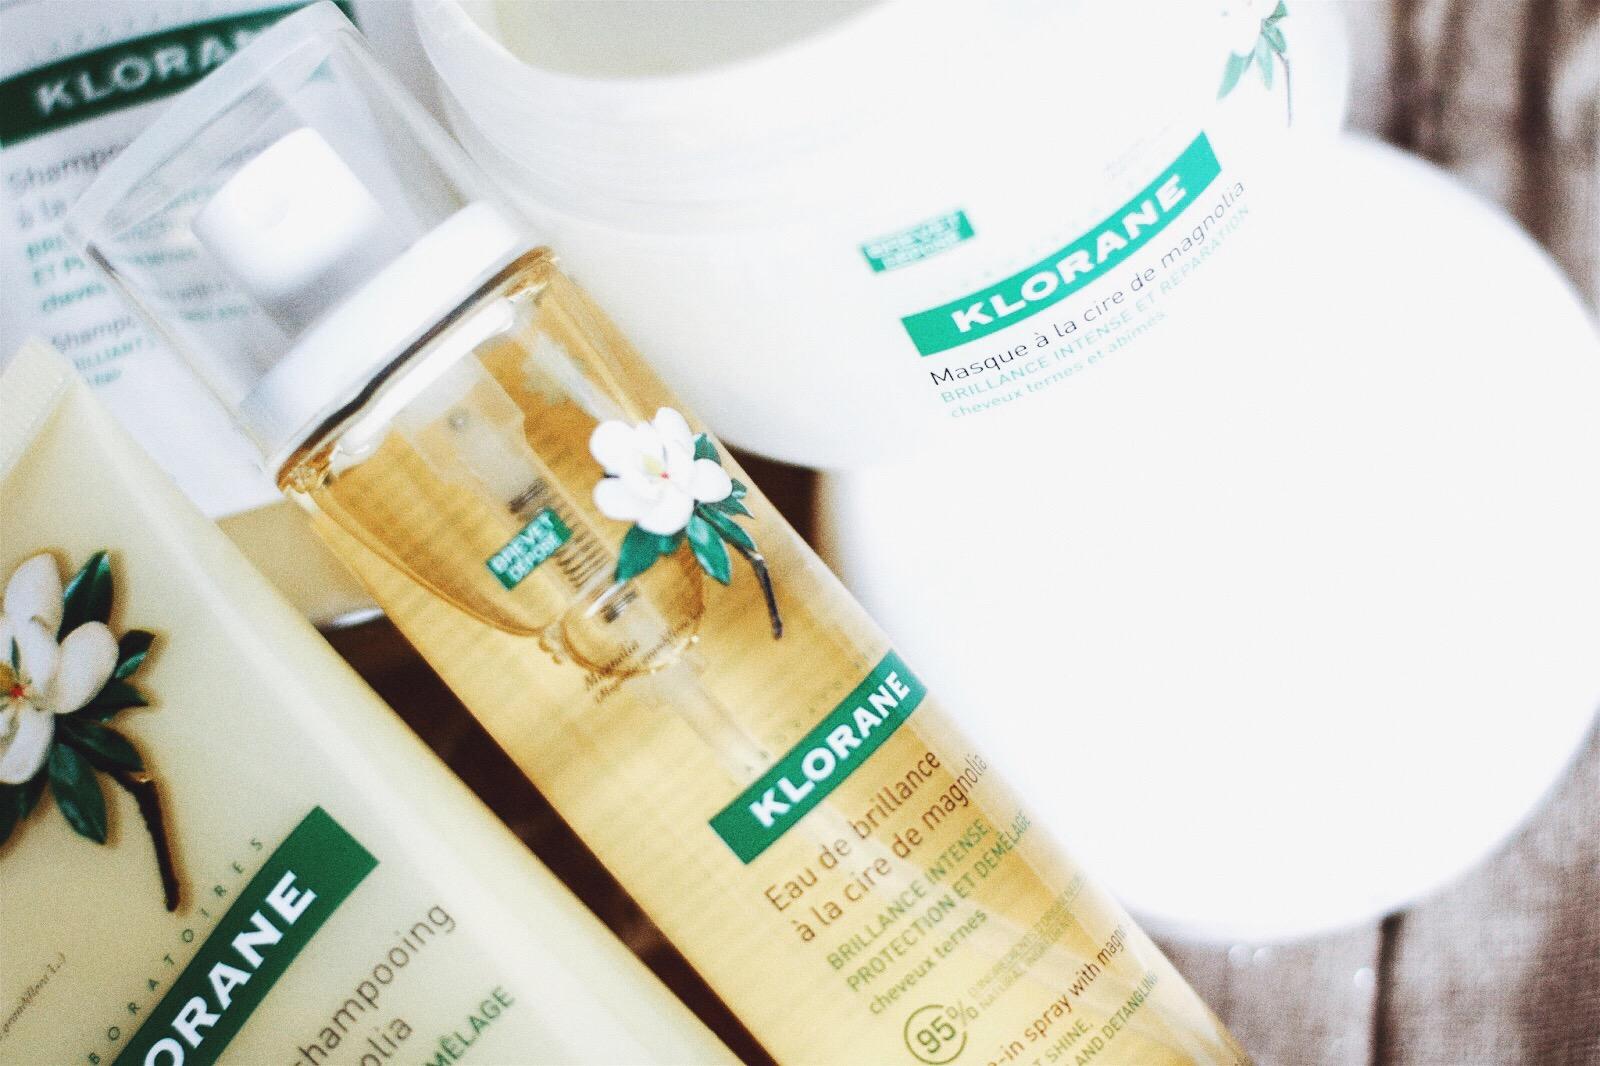 klorane soins cheveux à magnolia brillance pour les cheveux ternes